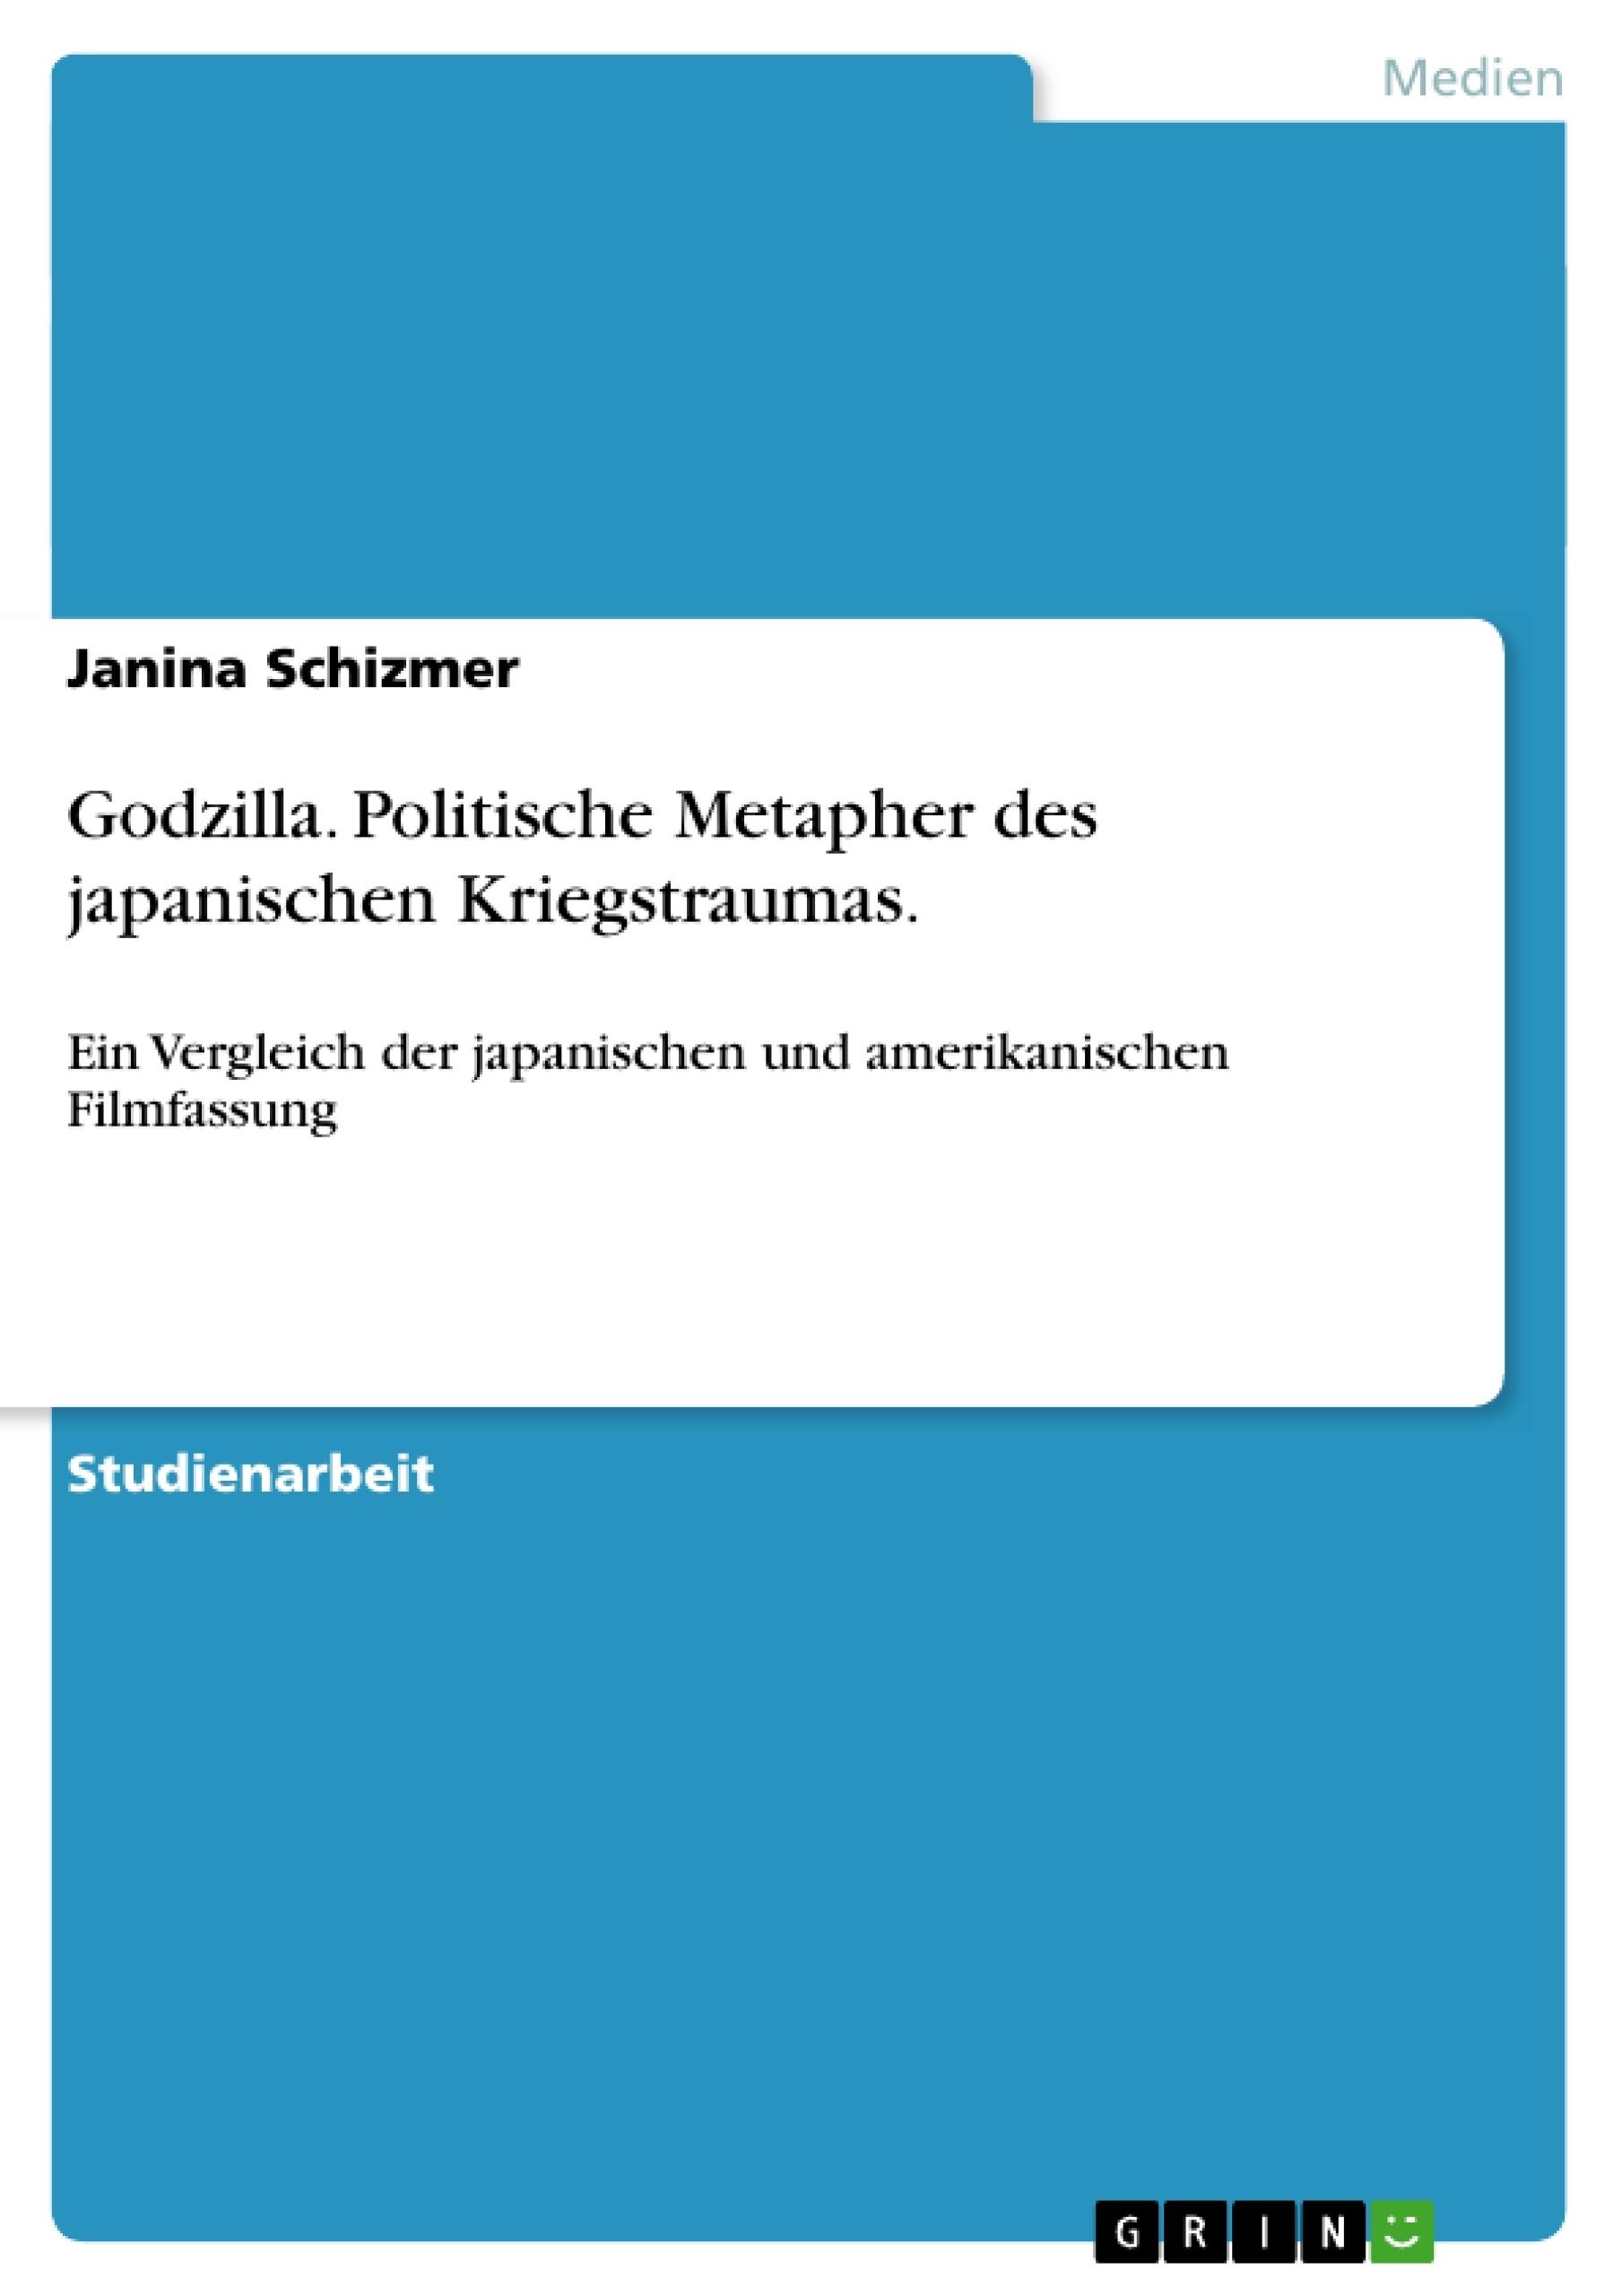 Titel: Godzilla. Politische Metapher des japanischen Kriegstraumas.